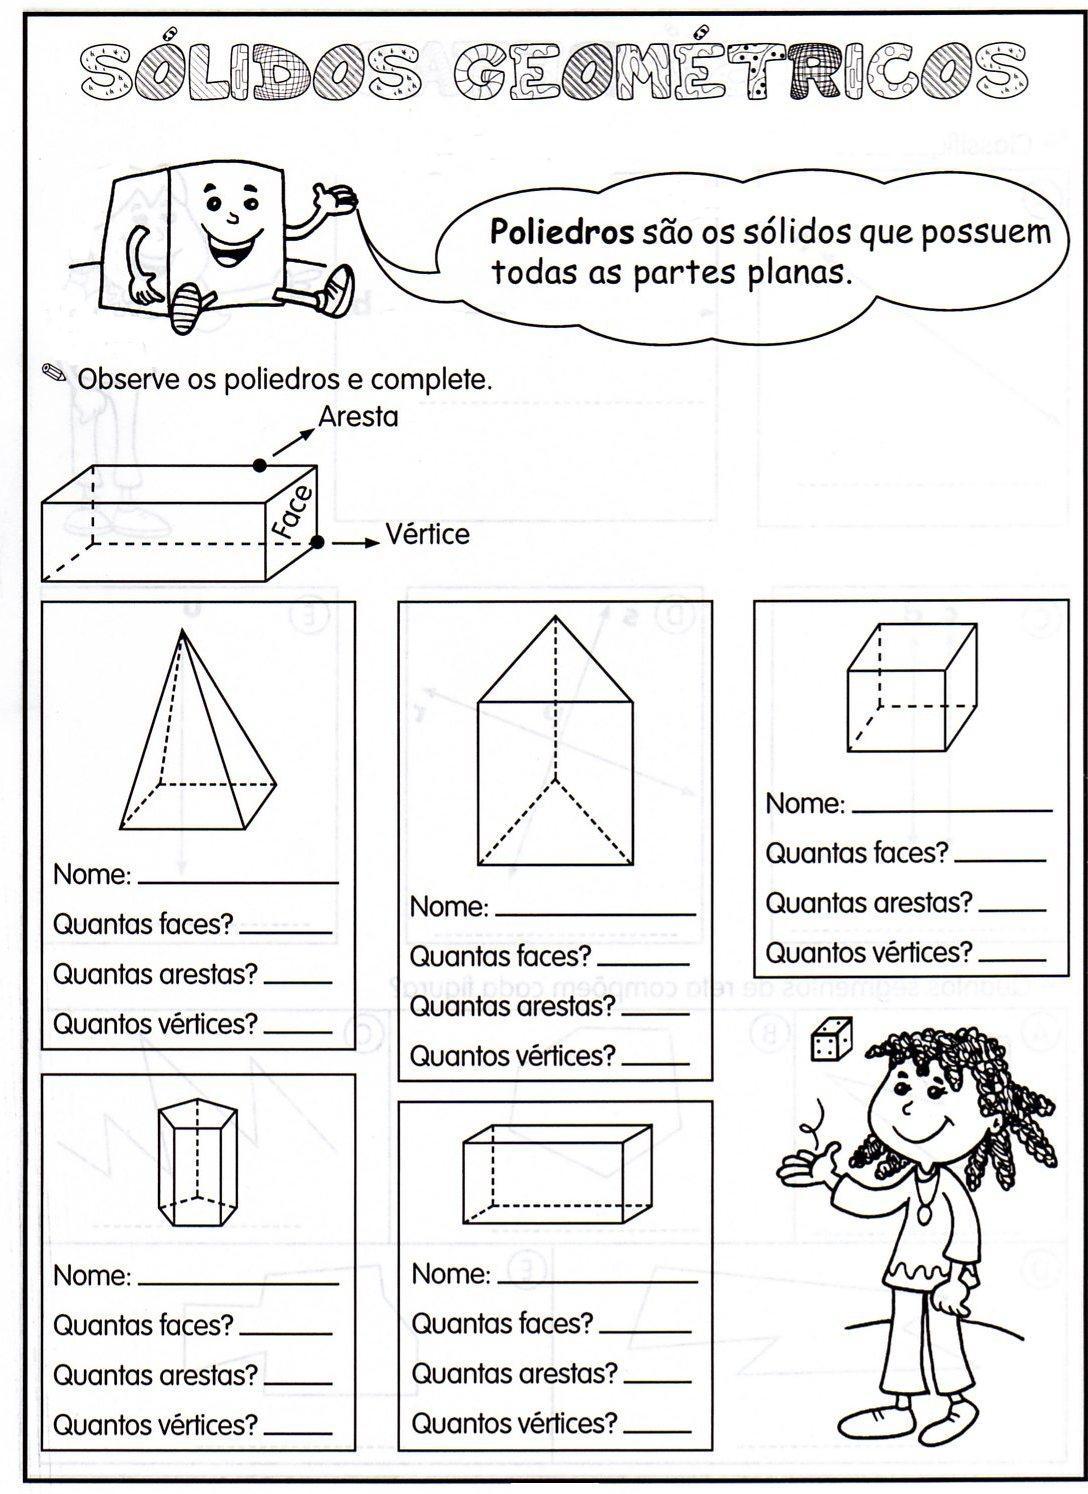 Amiga Da Educacao Atividades E Moldes Com Solidos Geometricos